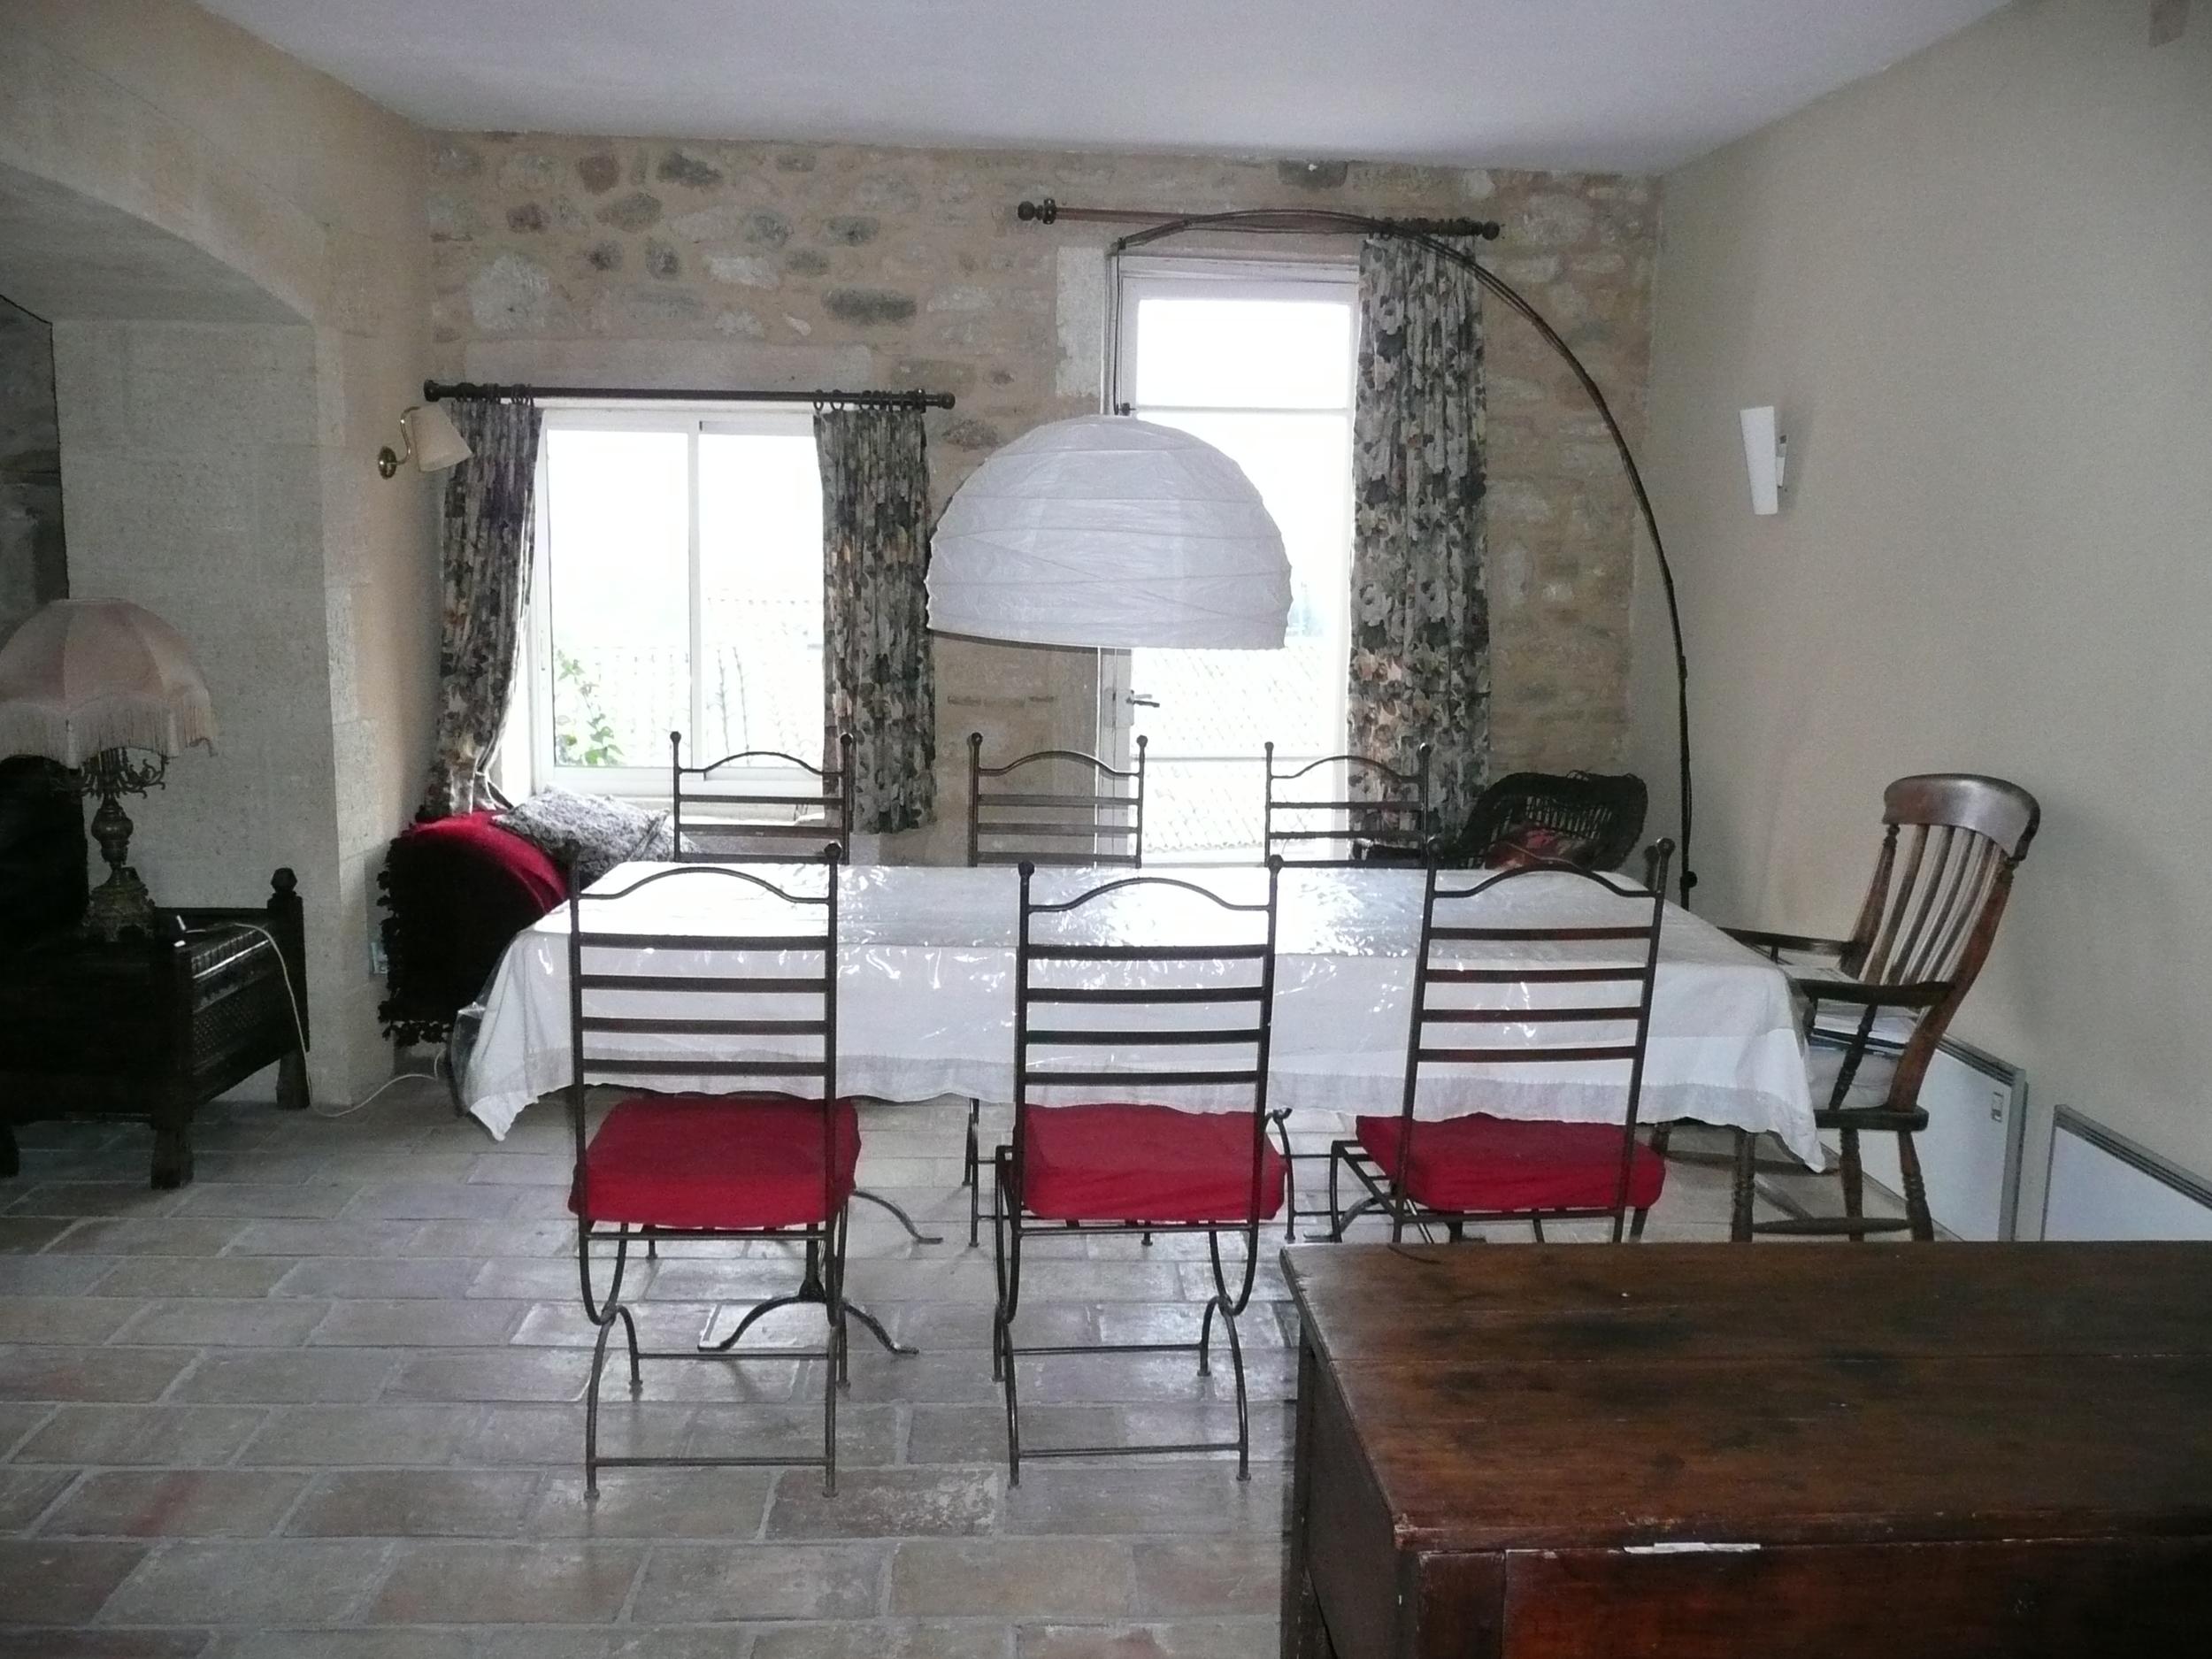 dining room lamp off gd.jpg